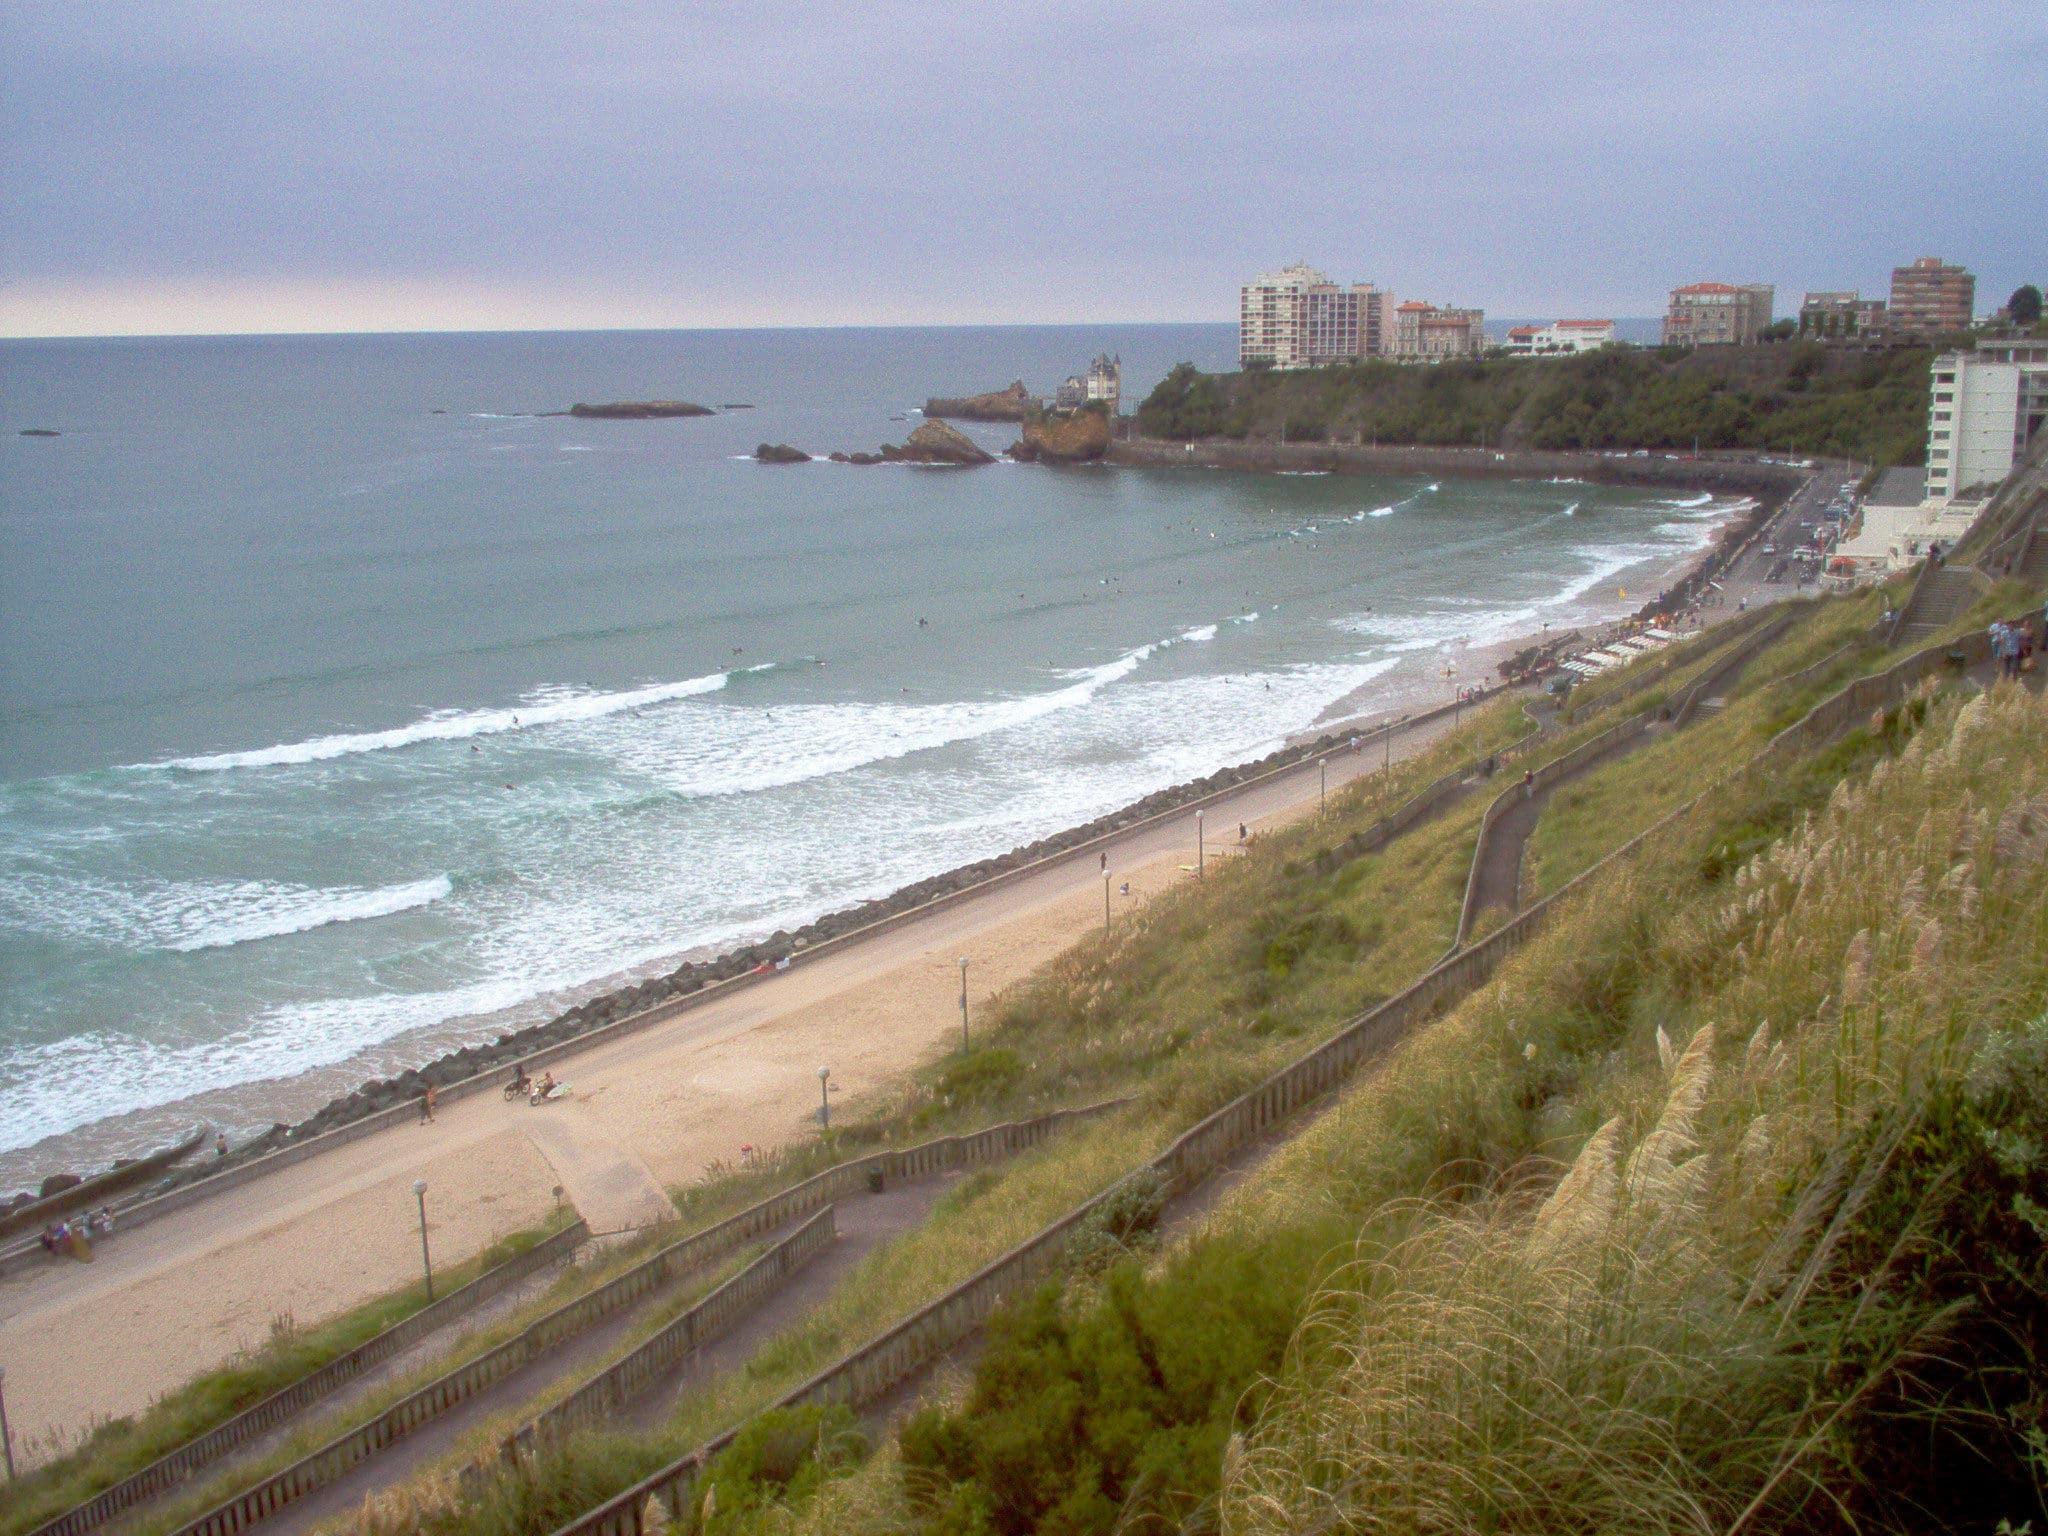 Côte_des_Basques_Biarritz-CHAMPIONNATS-DU-MONDE-DE-LONGBOARD